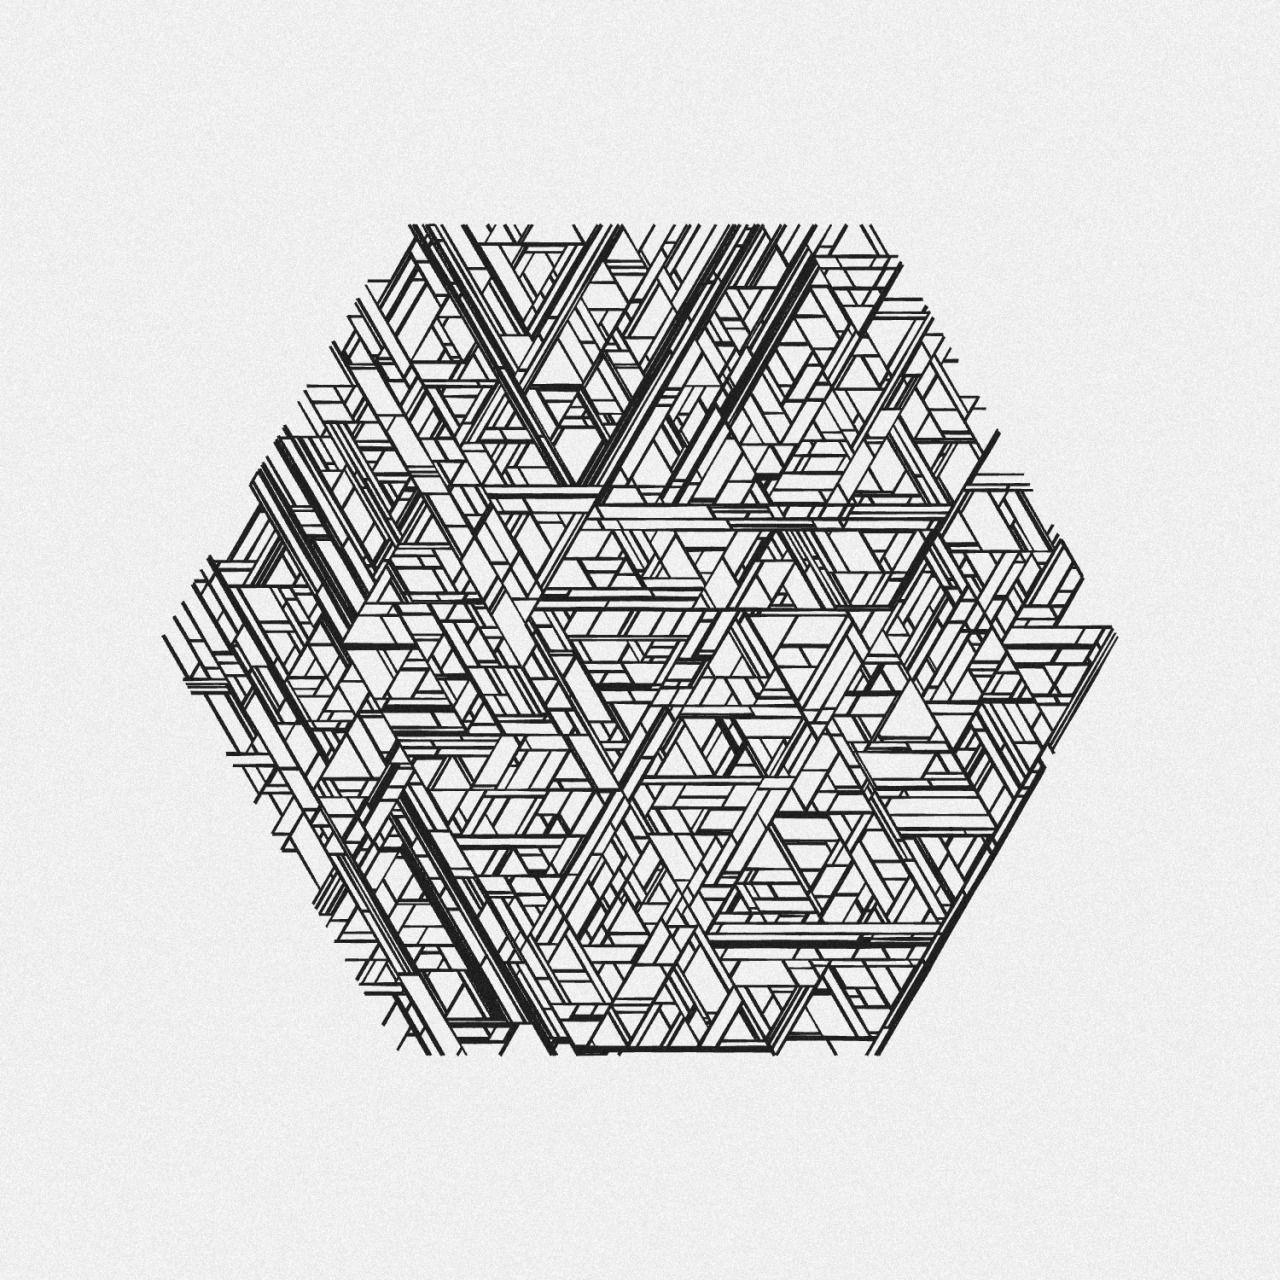 бесплатно лучшие картинки сложности в геометрии еня заблокировали пришлось